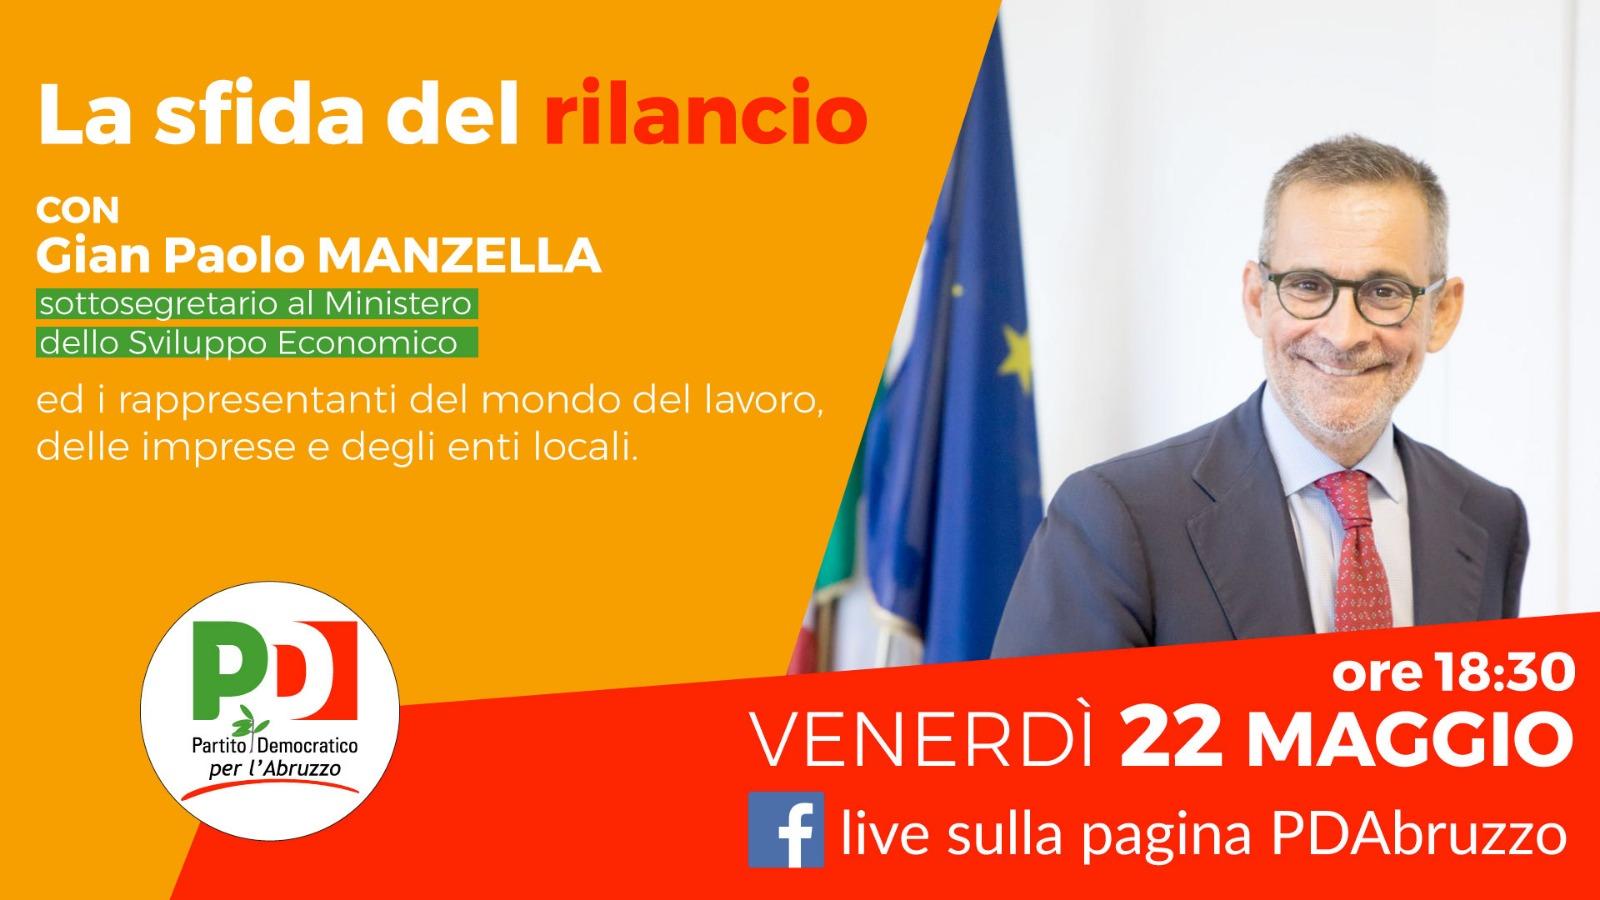 La sfida del rilancio: il 22 maggio incontro con il sottosegretario Manzella